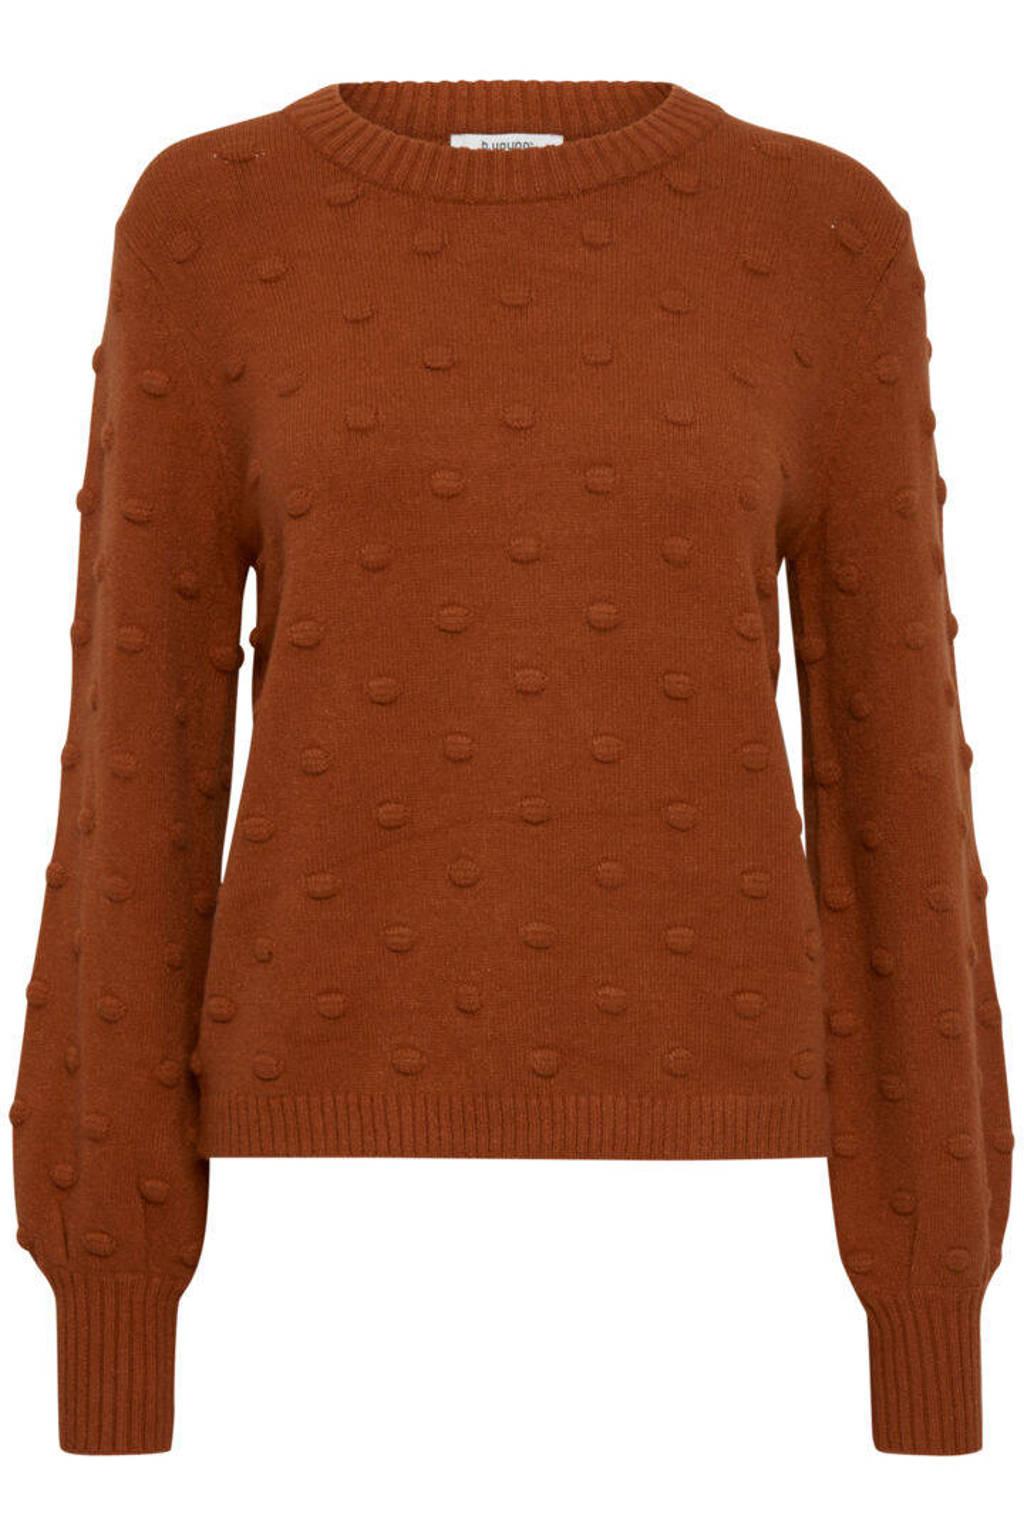 B.Young gebreide trui BYNONINA met textuur roodbruin, Roodbruin